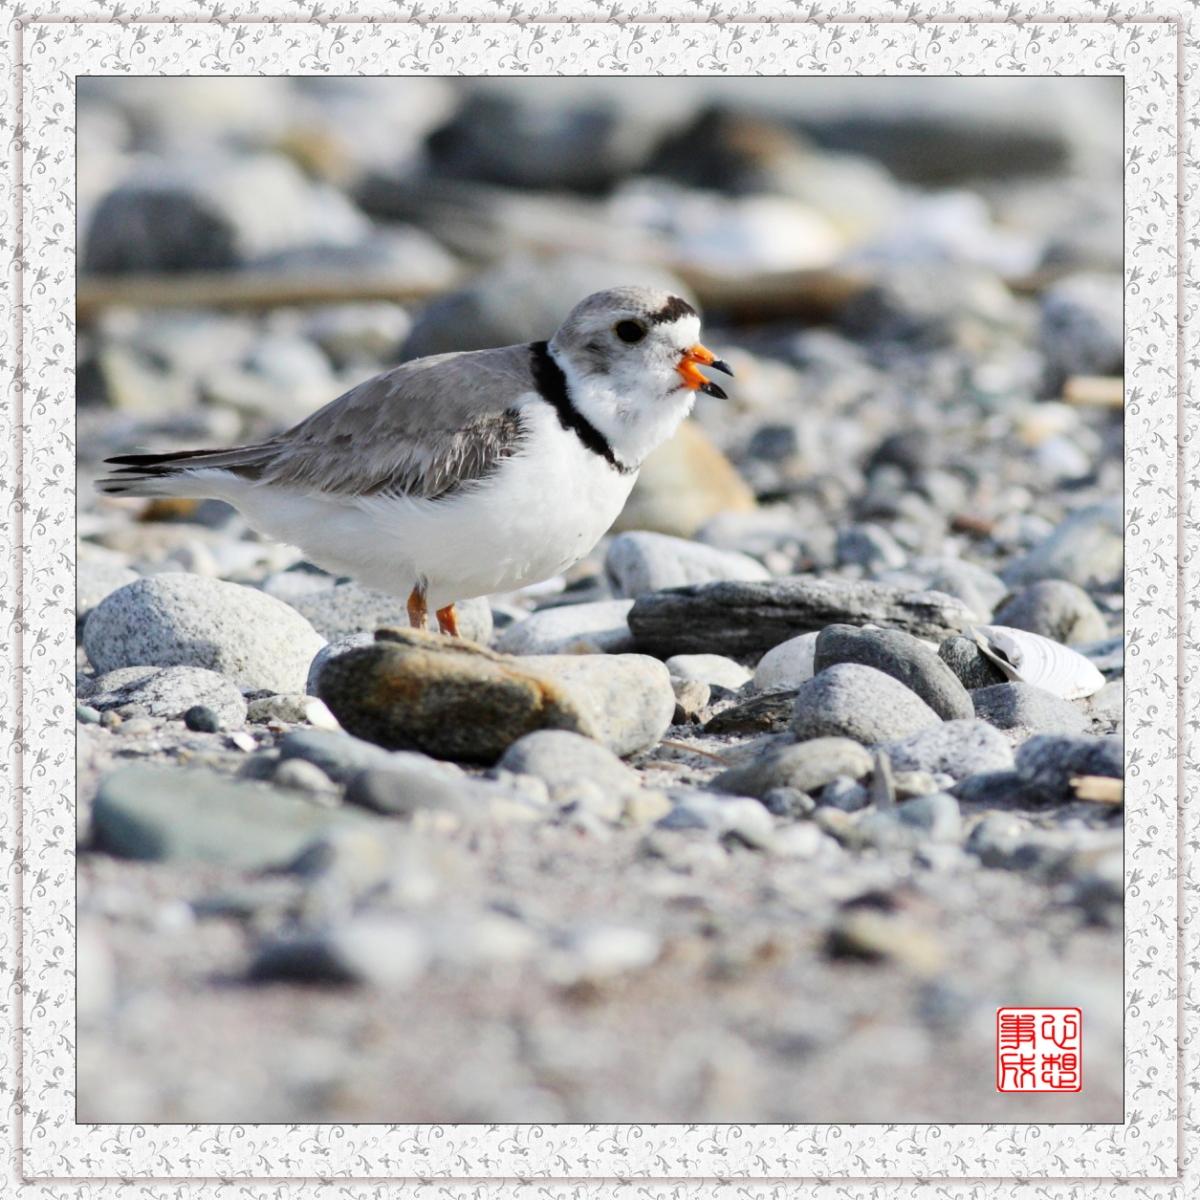 【心想事成】 飞鸟随拍图之二_图1-13